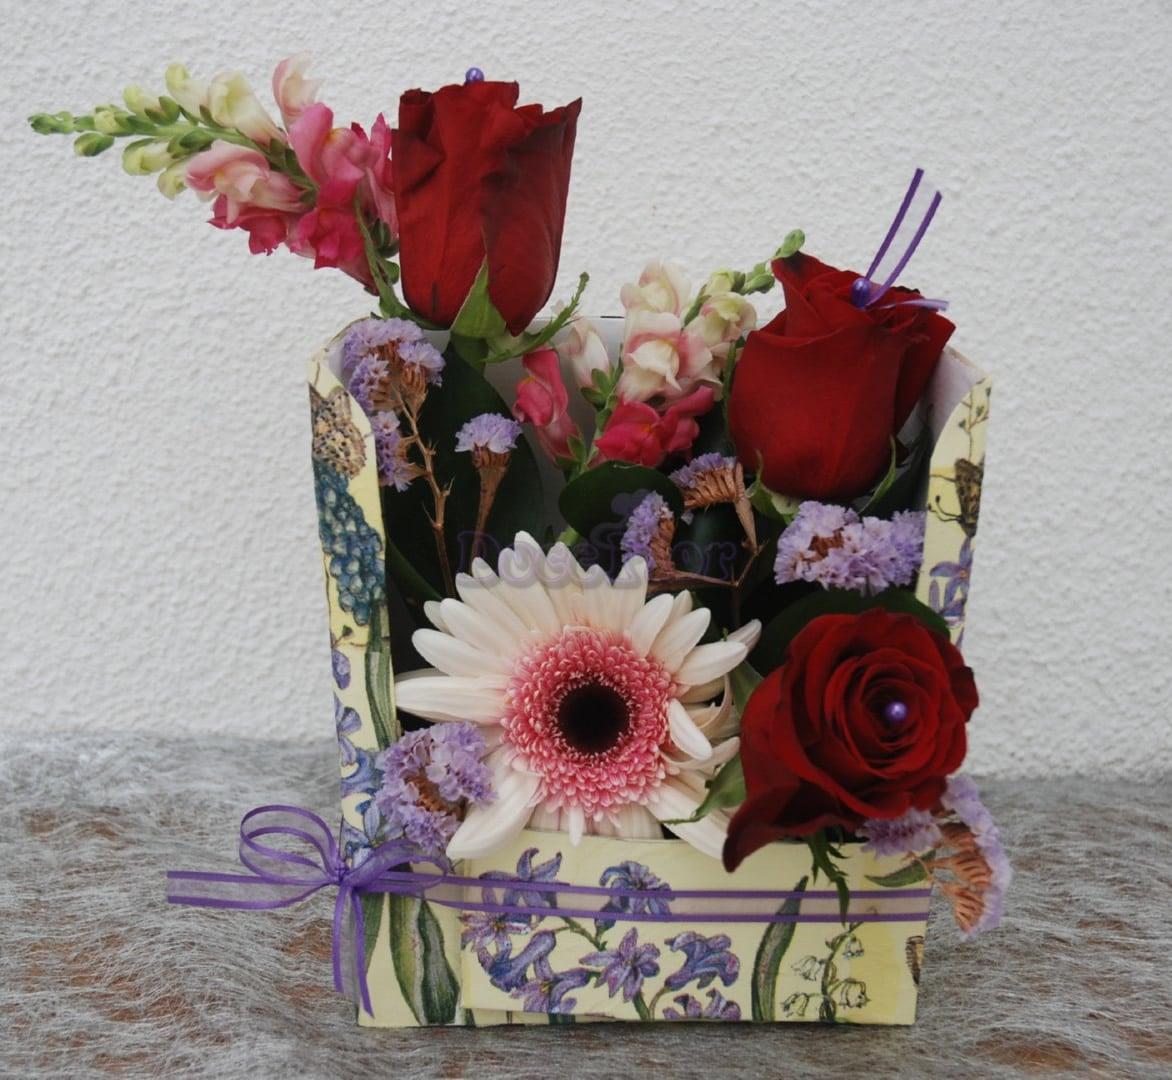 Flores em caixa